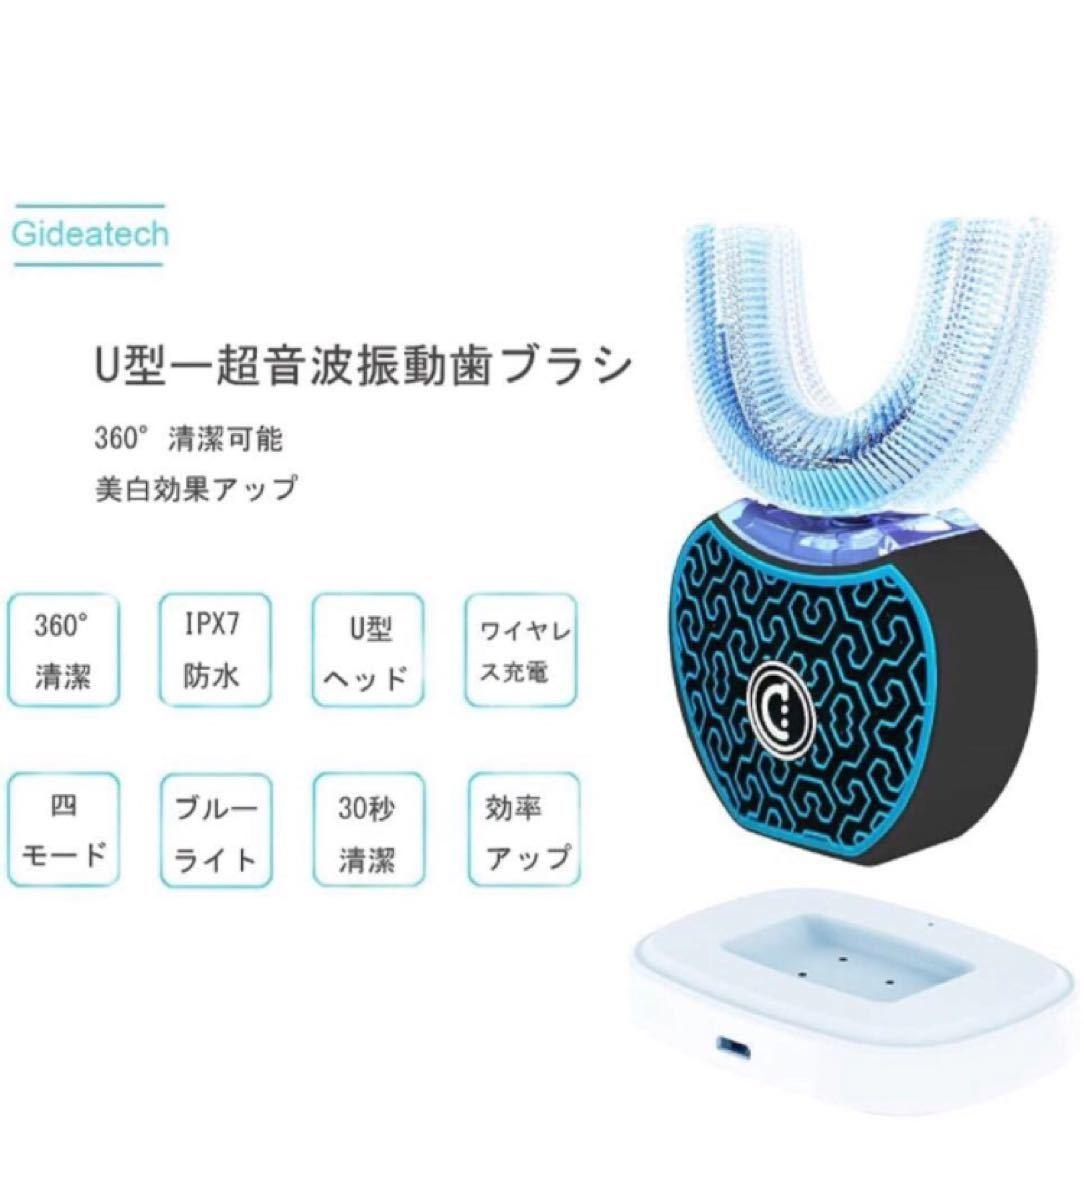 電動歯ブラシ 音波振動歯 ブラシ IPX7防水 四代目 ワイヤレス充電 360°U型 (Black)